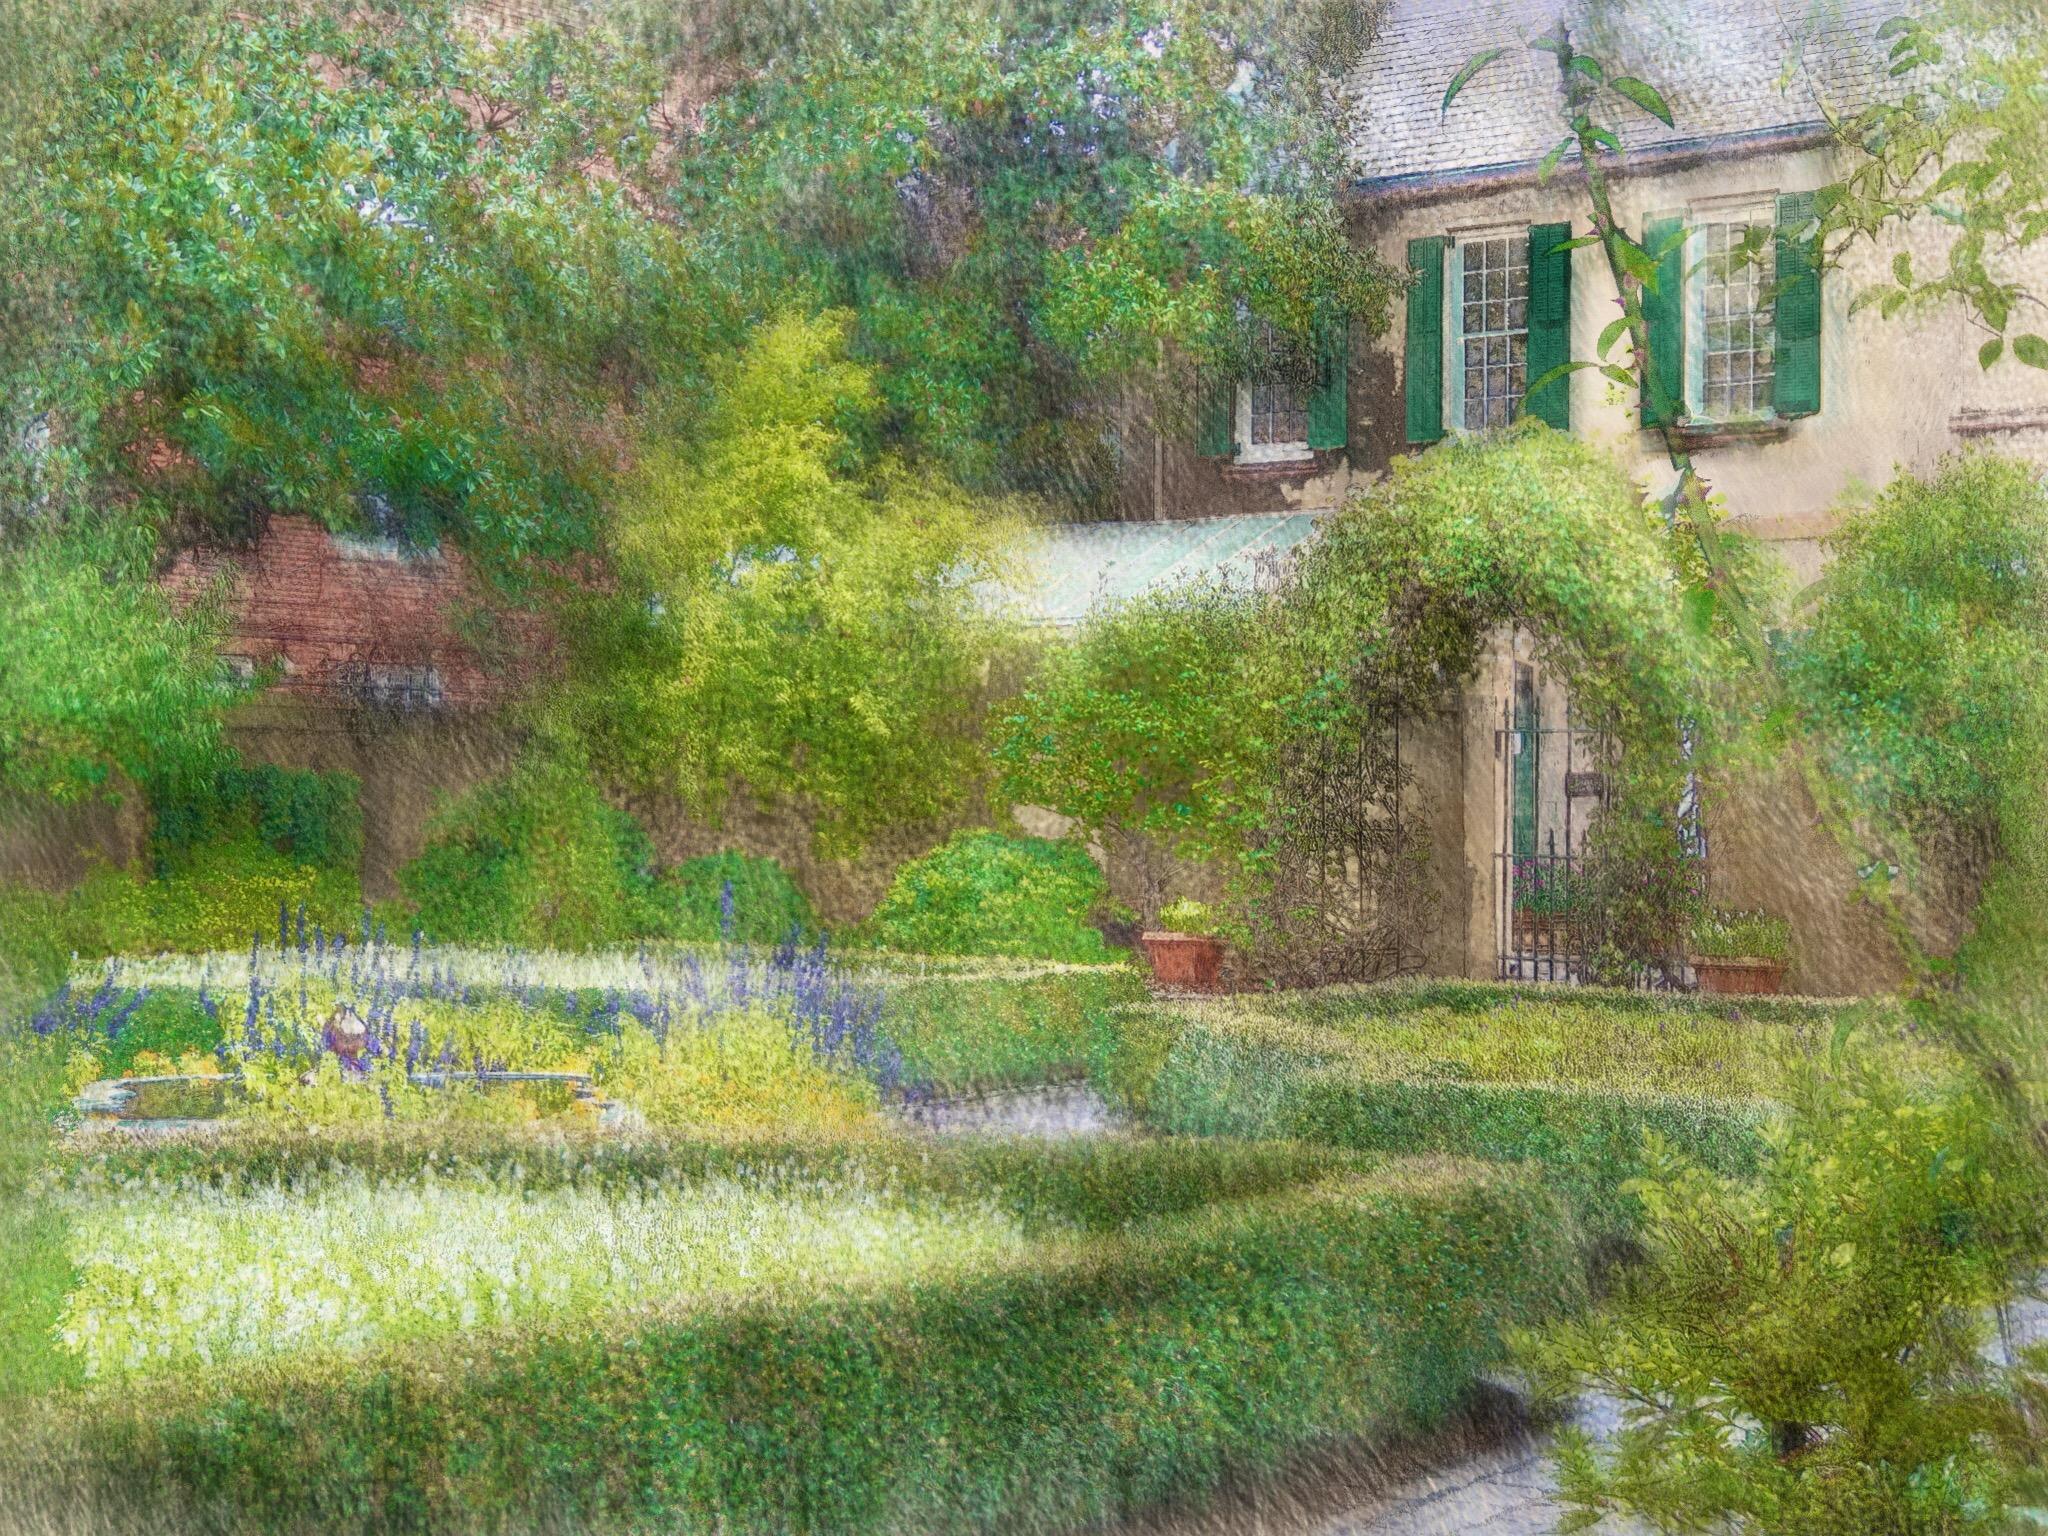 Charmant Hintergrundbilder : Landschaft, Malerei, Garten, Gras, Haus,  Savanne, Immobilien